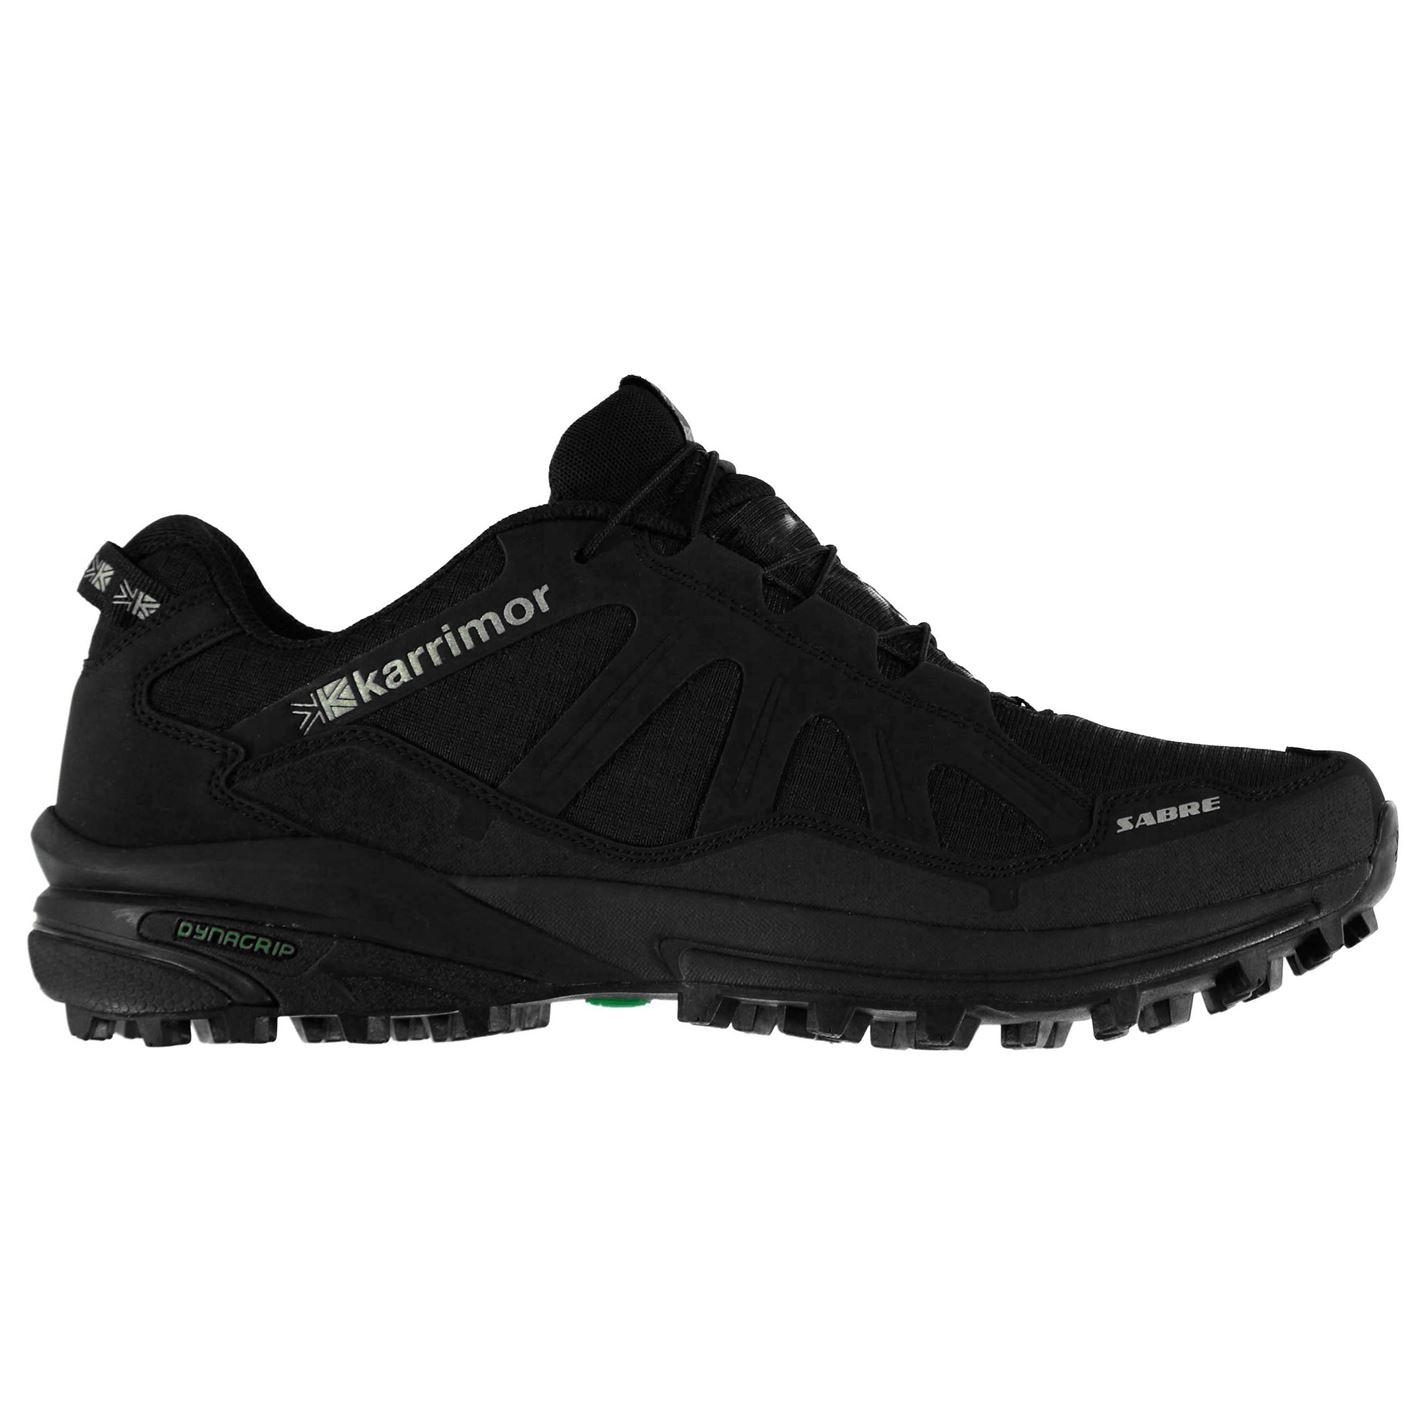 Karrimor Sabre Trail pánské bežecké topánky